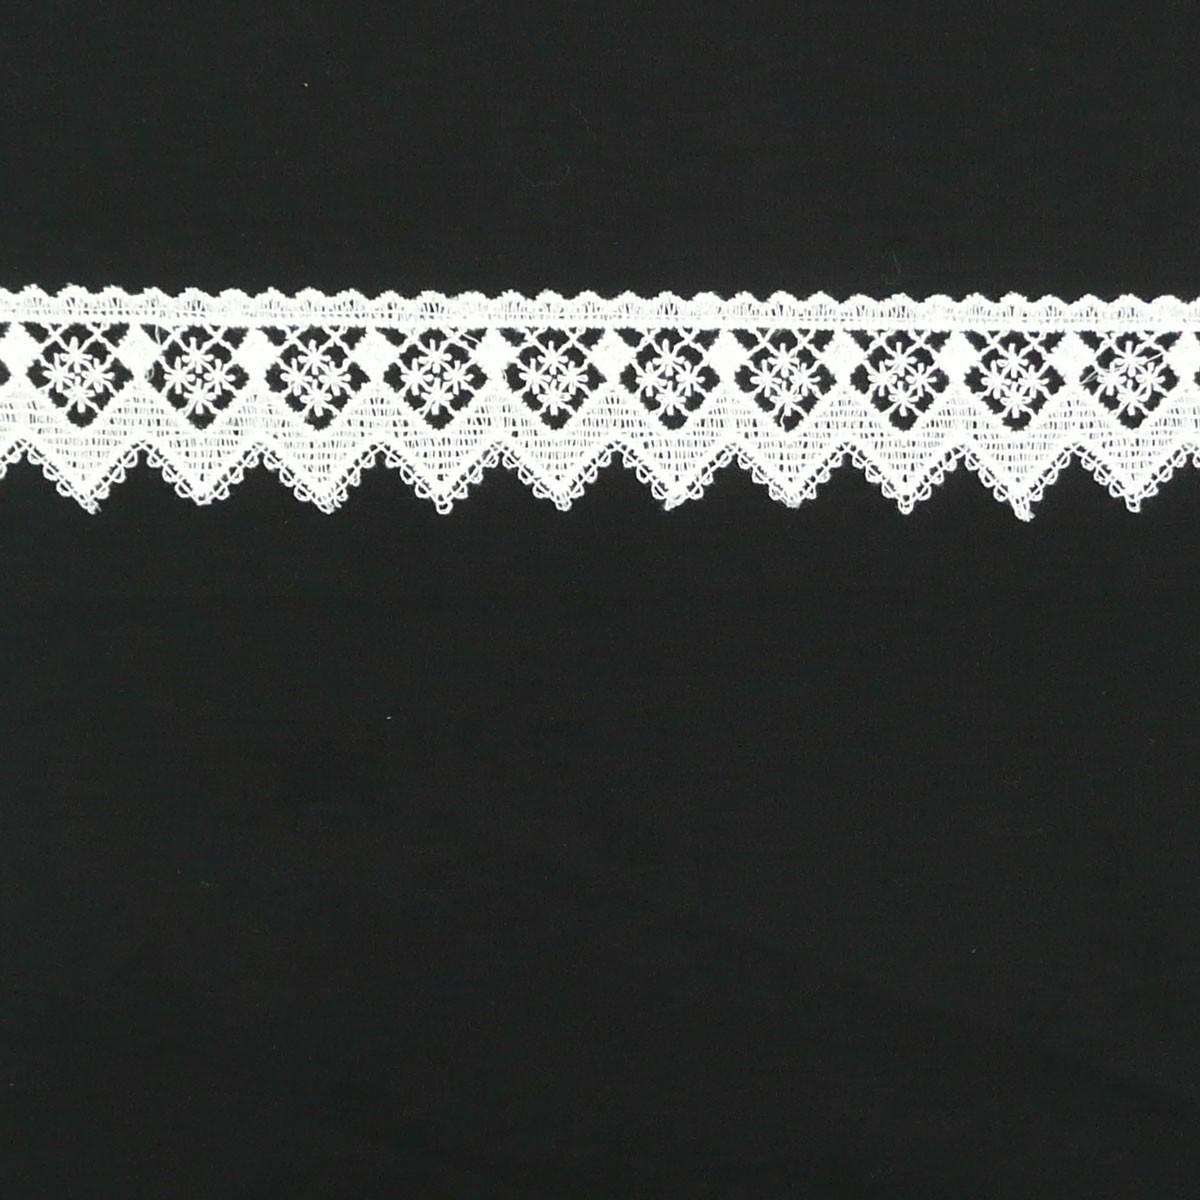 Borte Spitzenborte weiß Pik Blumen Meterware 4,5cm